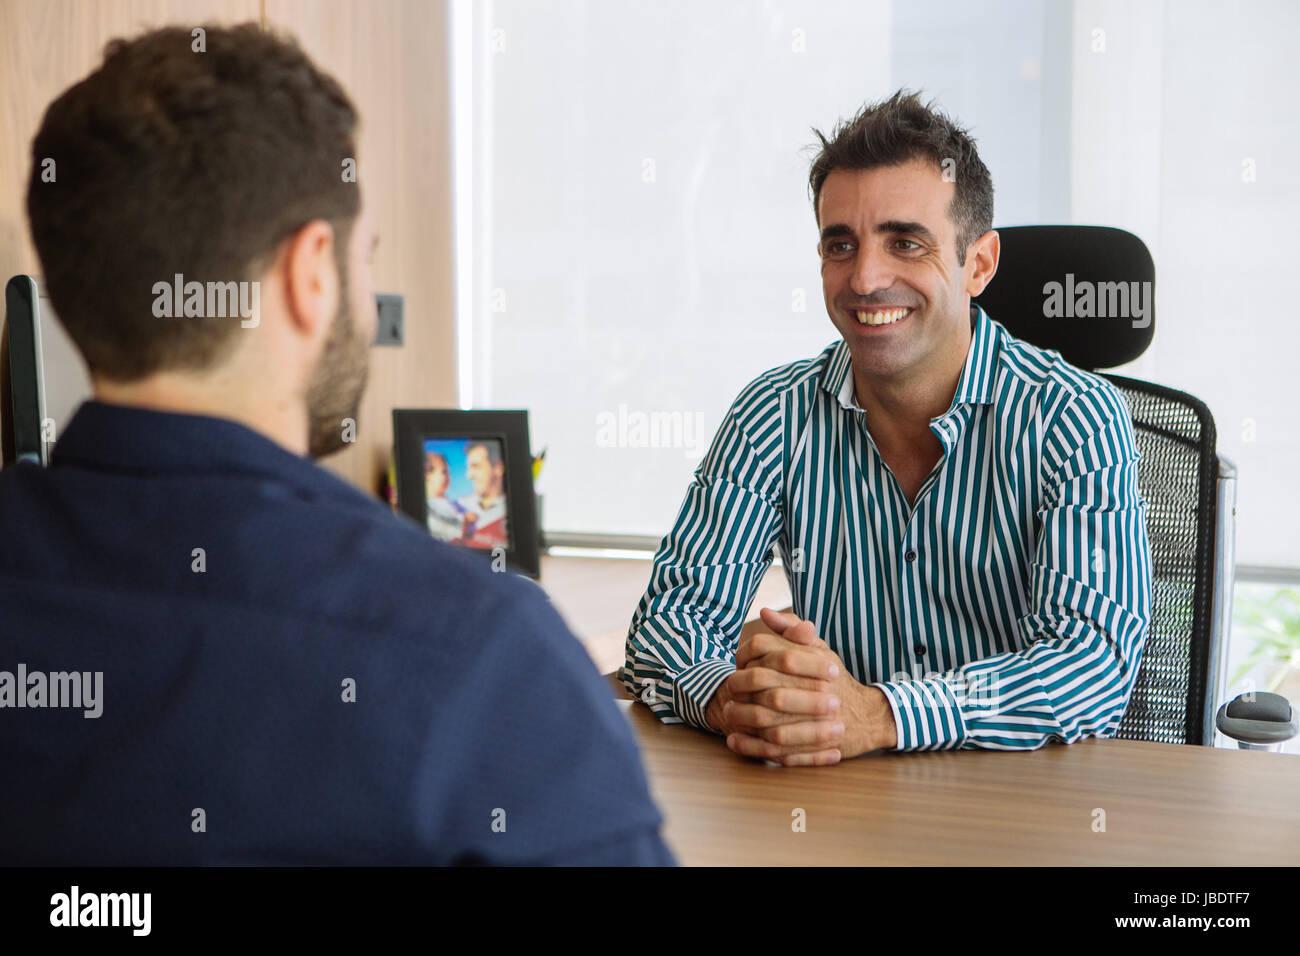 Look Ufficio Uomo : Un anni uomo caucasico capelli scuri cool moderno look